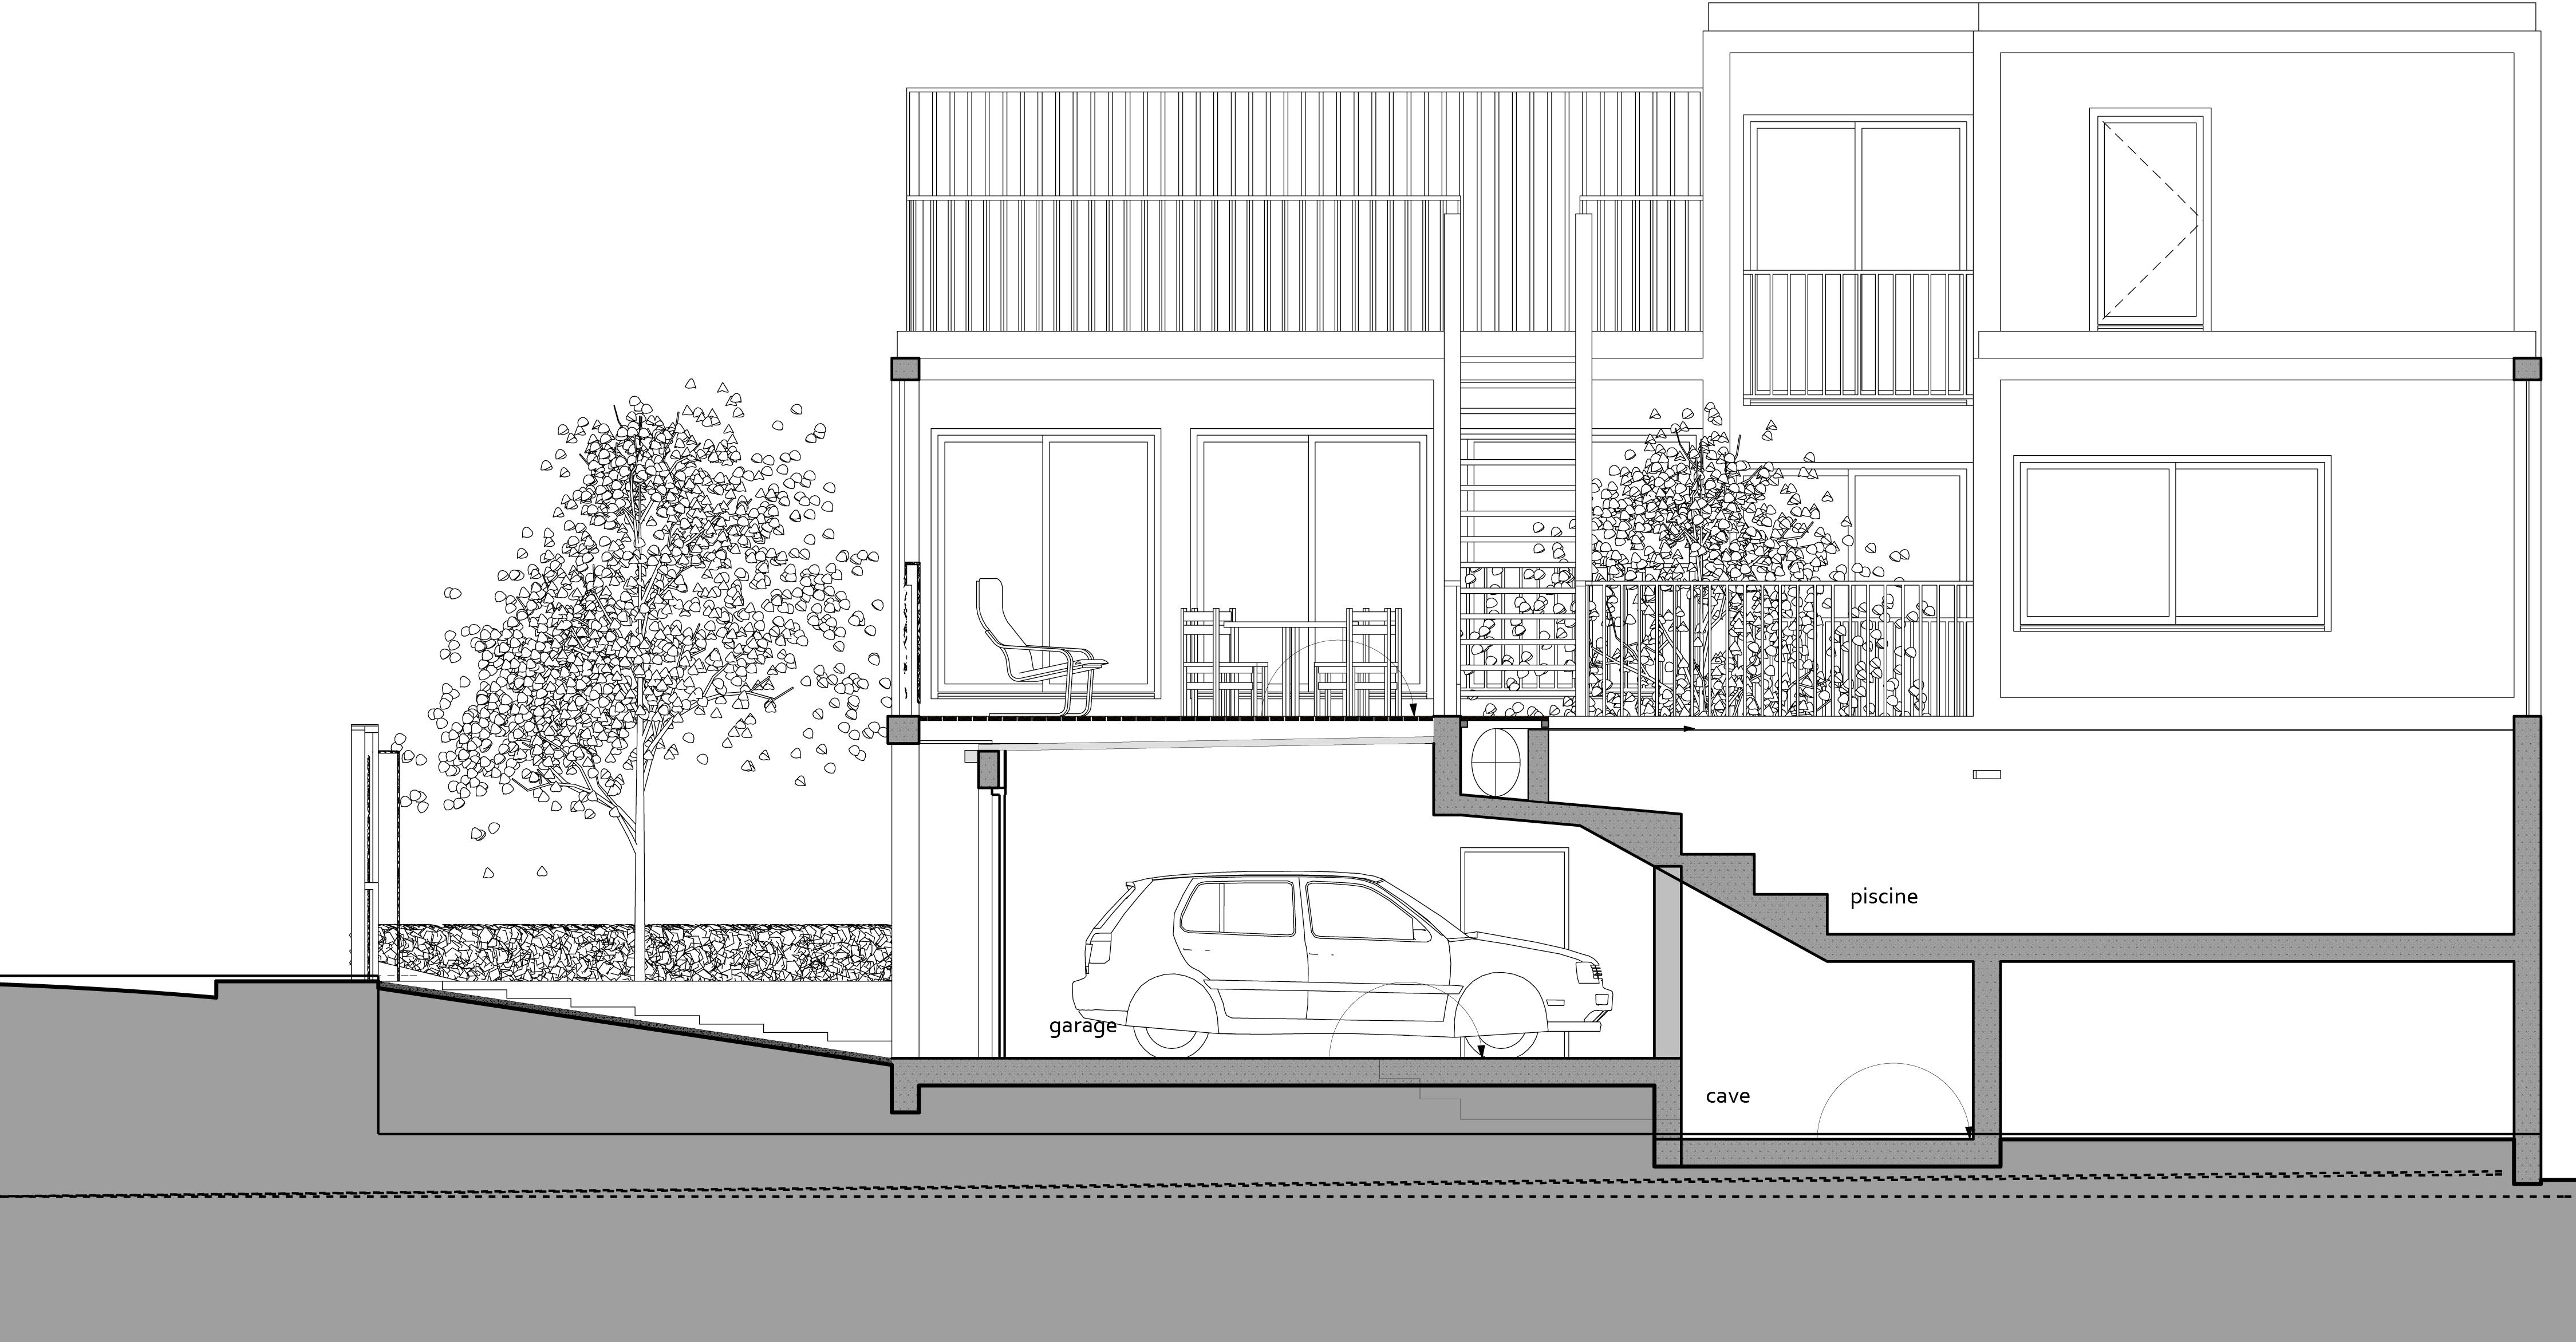 1 maison ch tillon zoomfactor architectes paris for Chatillon piscine